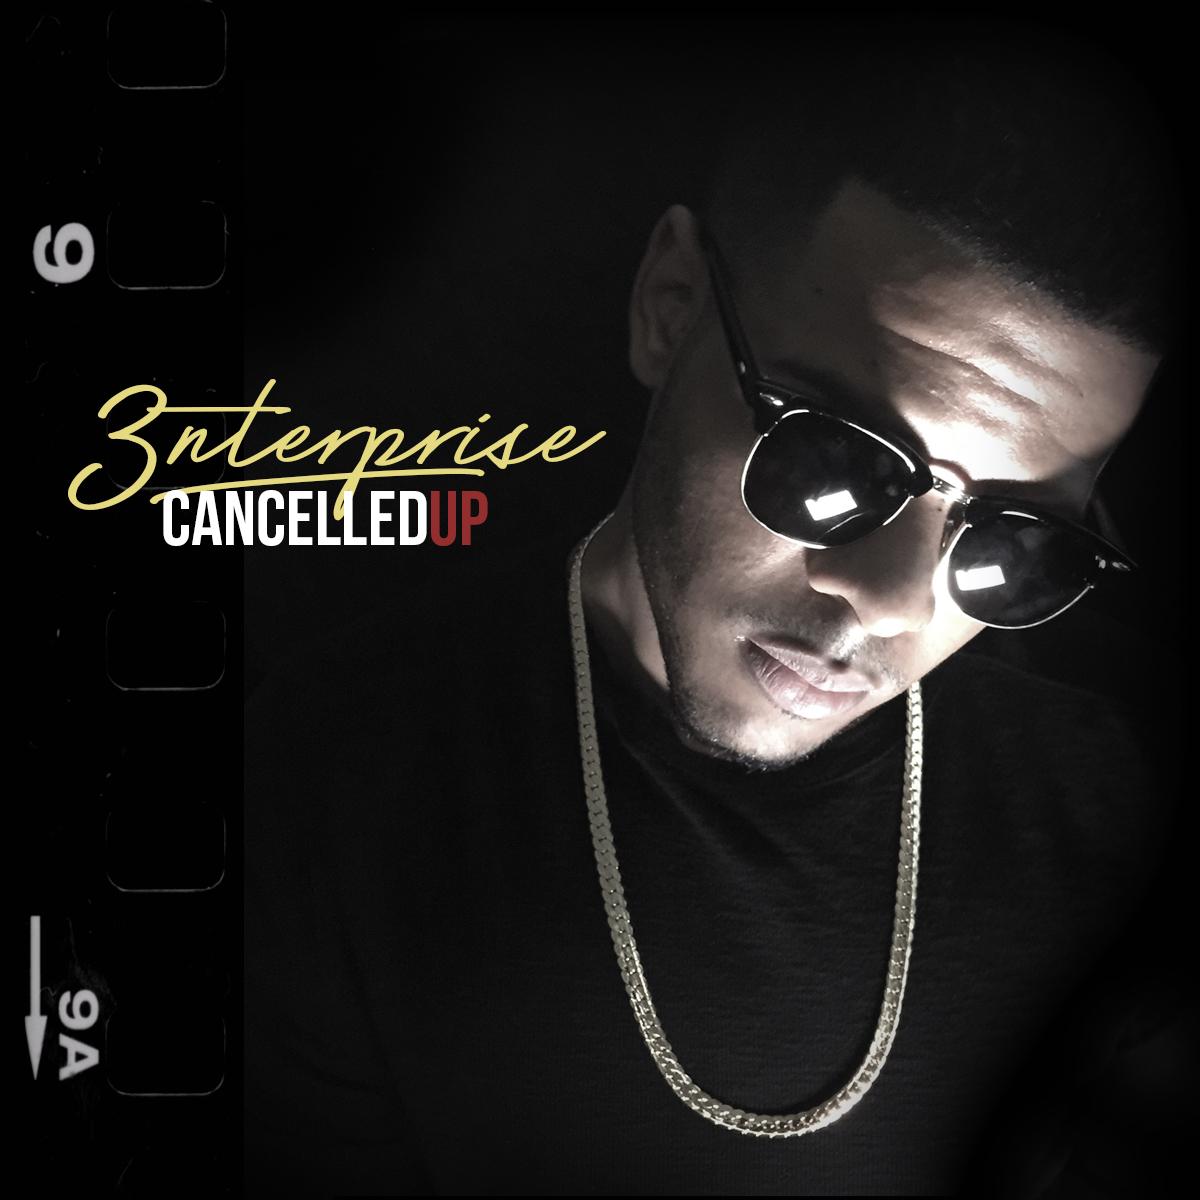 cancelledup